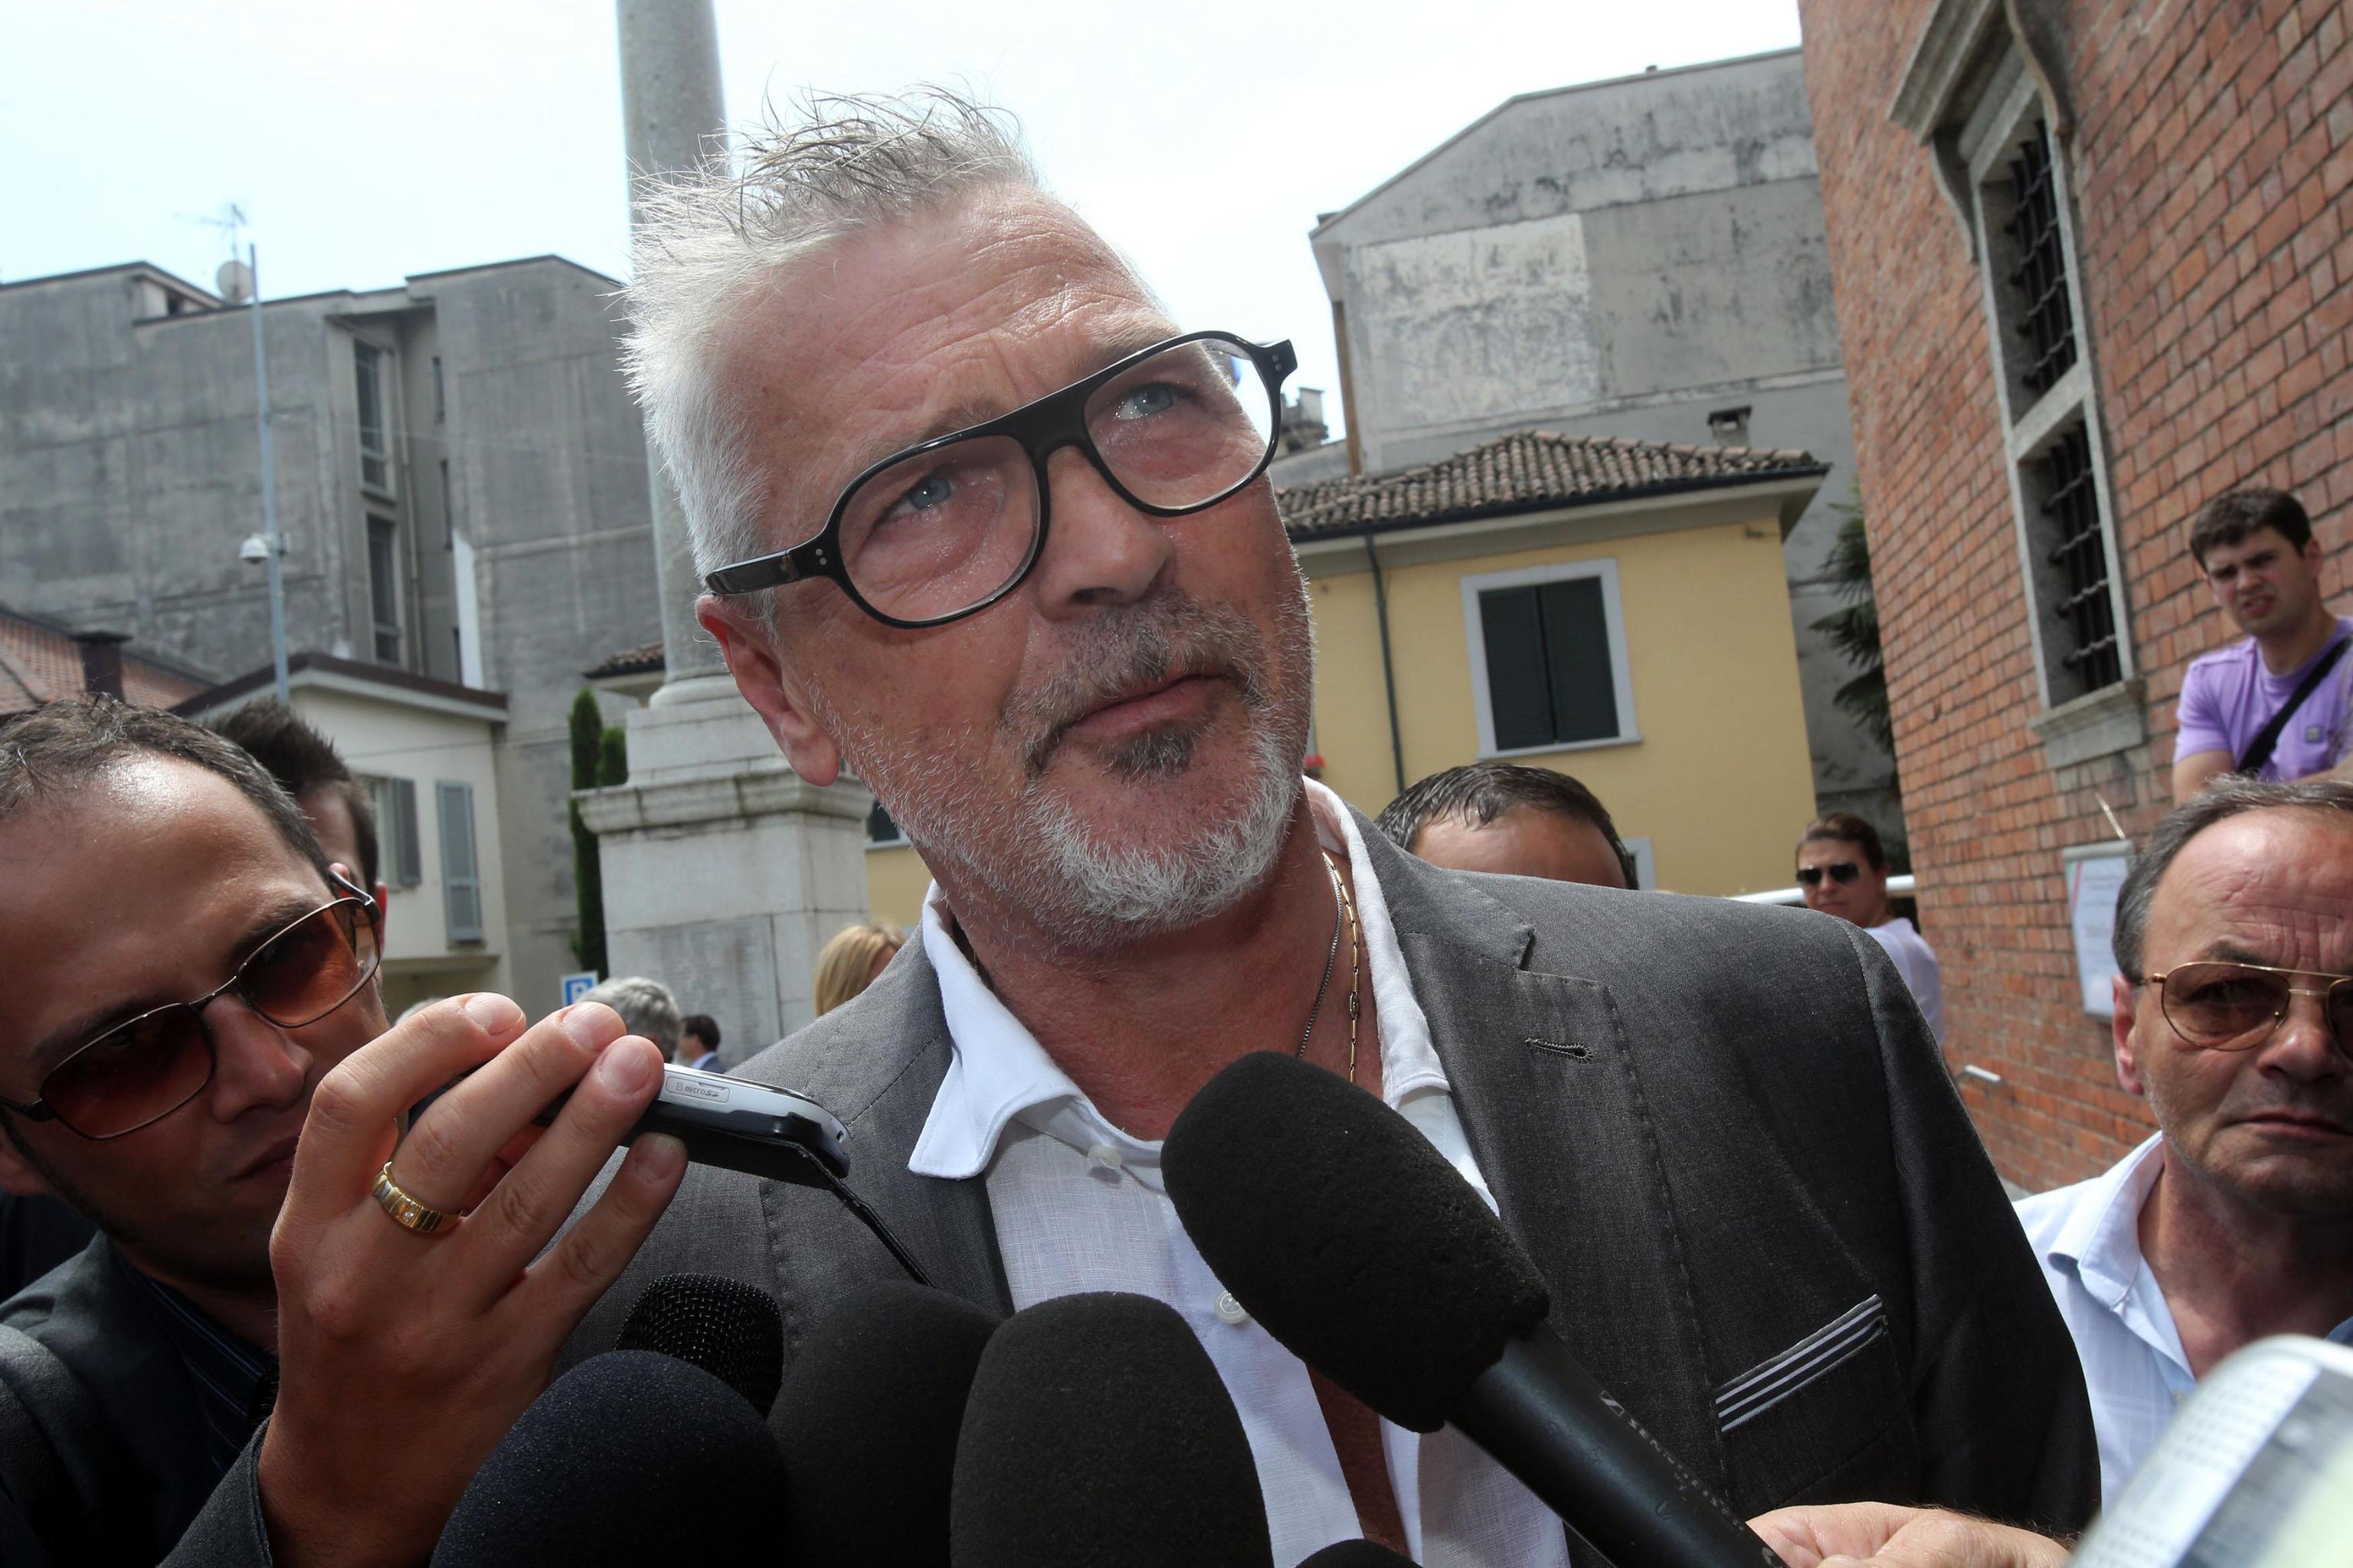 Stefano Tacconi e la moglie Laura Speranza accusati di tentata violenza privata